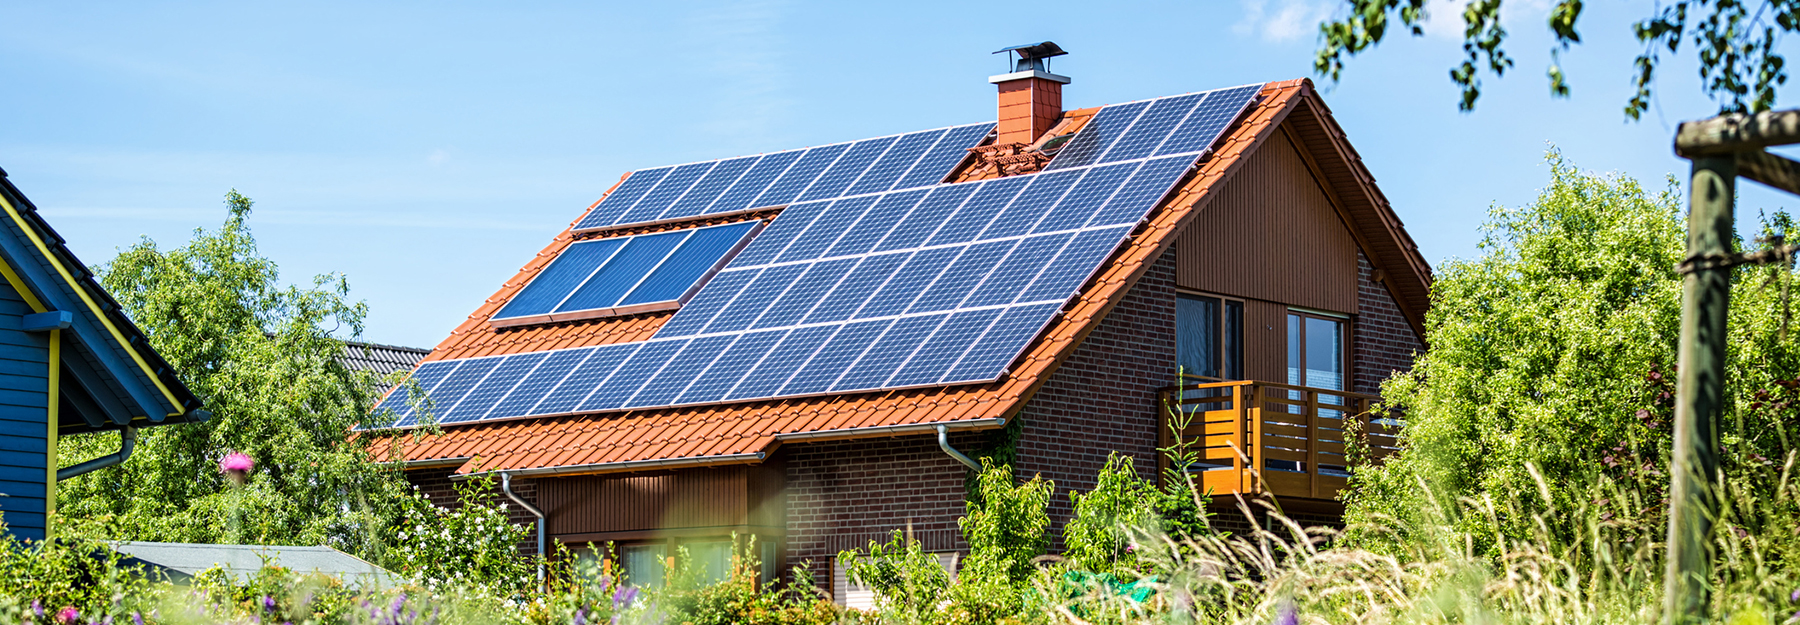 Photovoltaikversicherung | Alle Infos auf einen Blick |  transparent-beraten.de